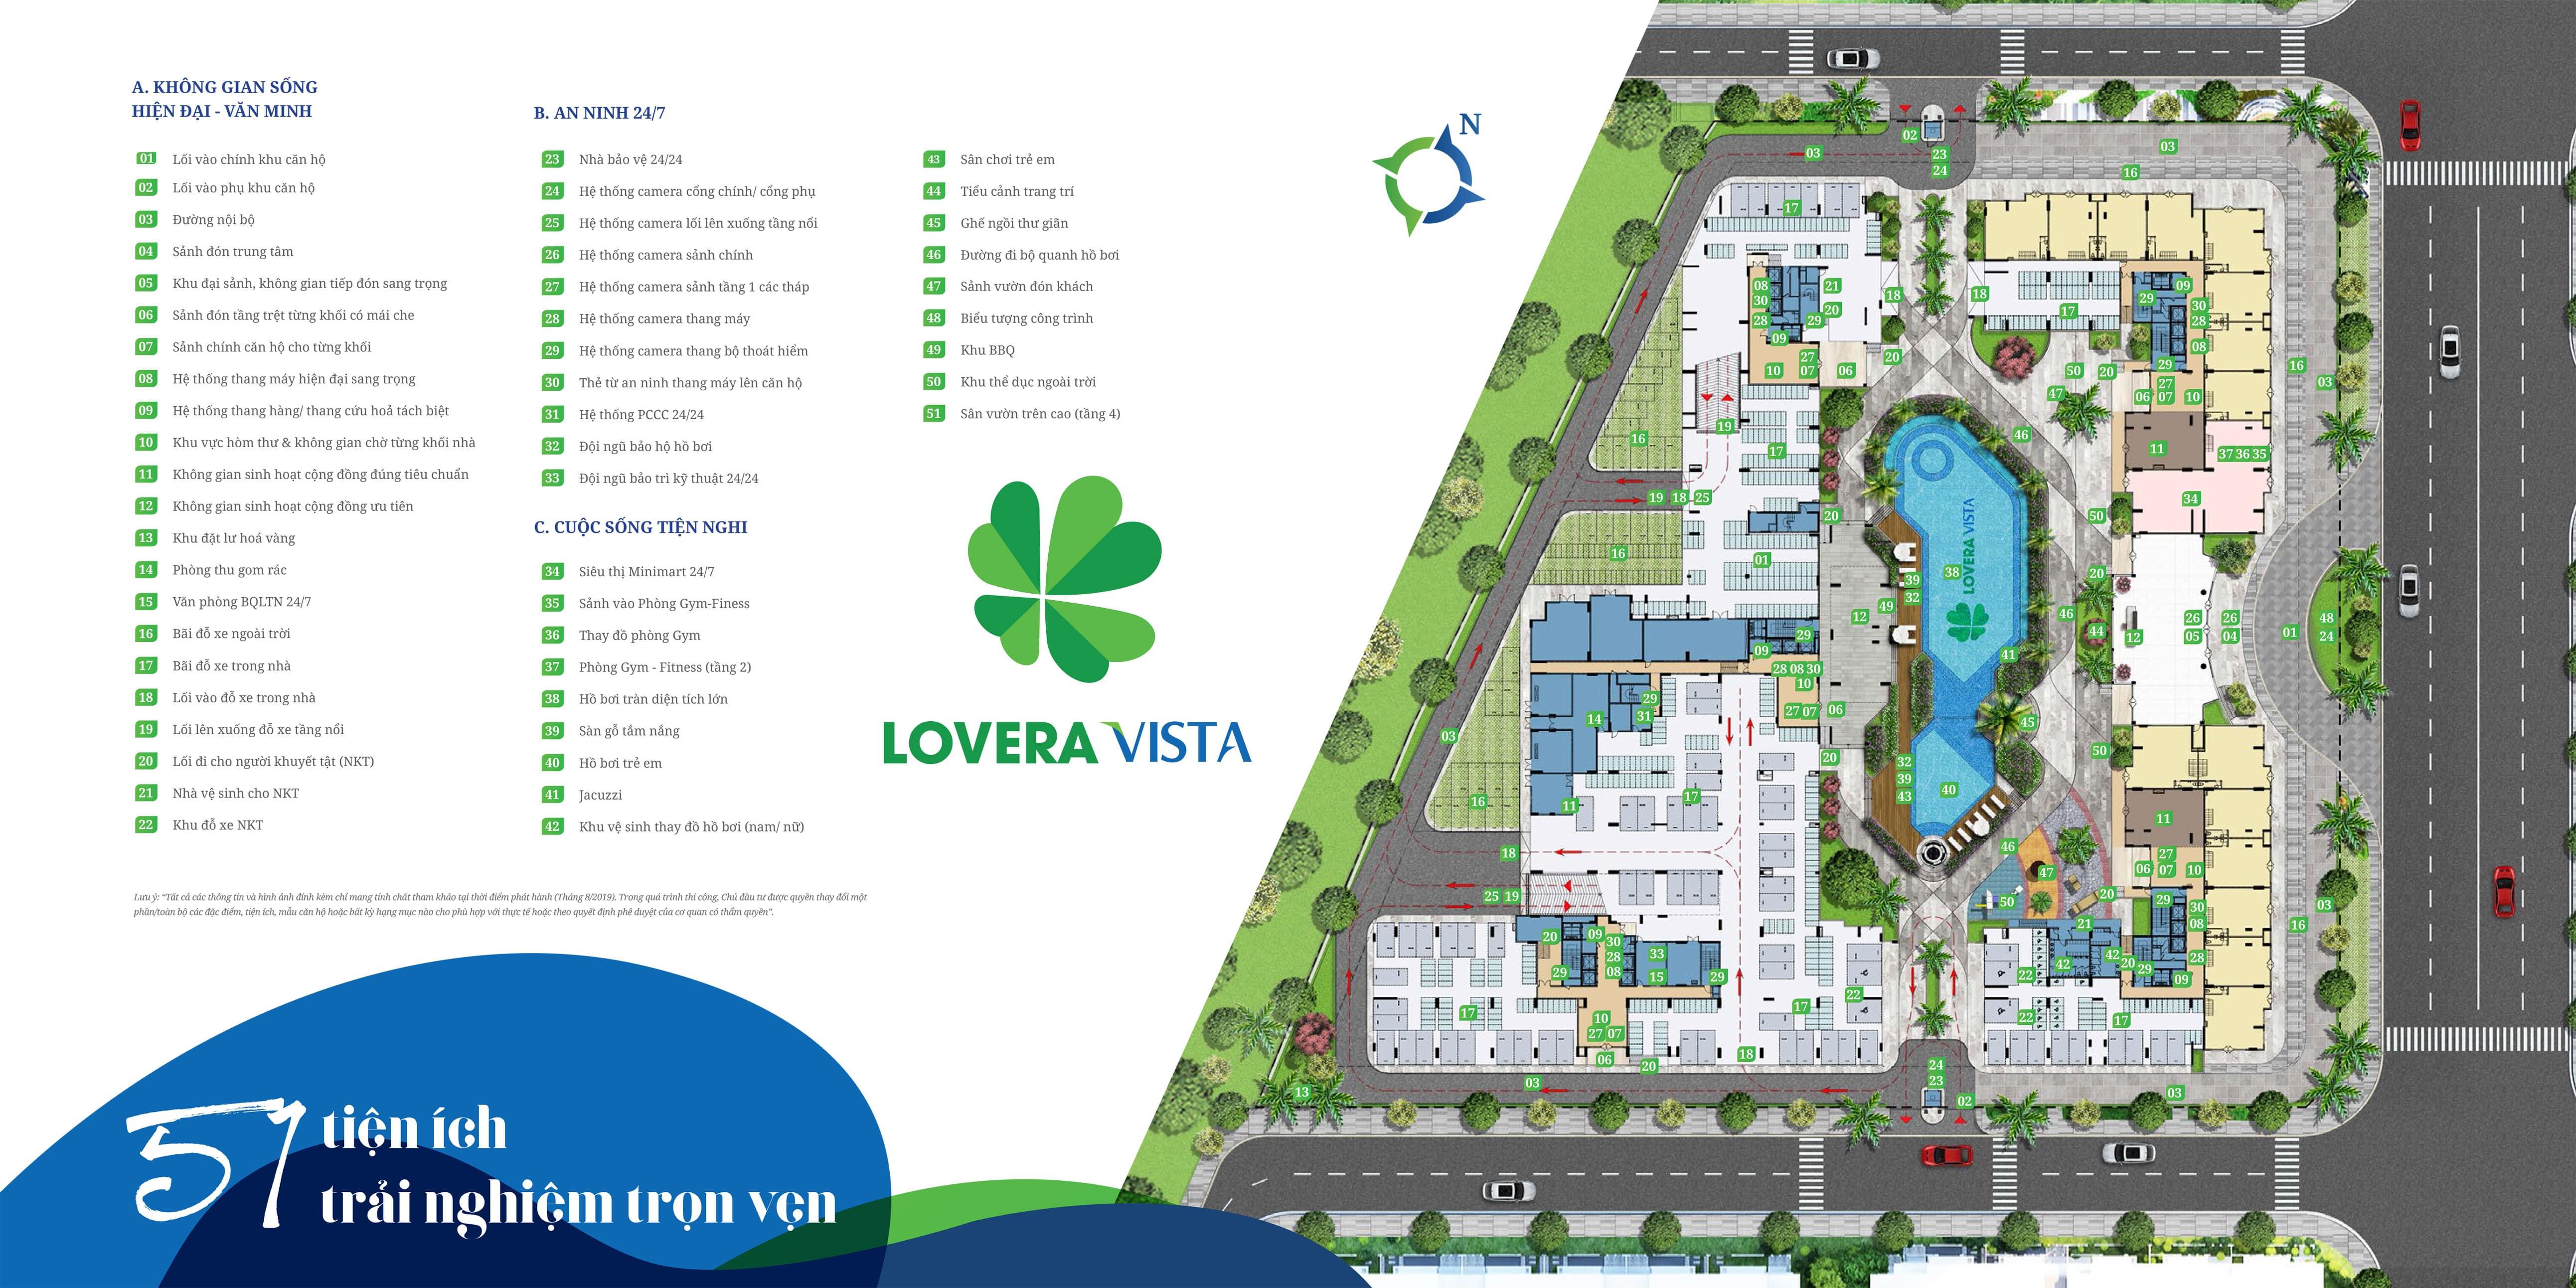 Tiện ích Lovera Vista